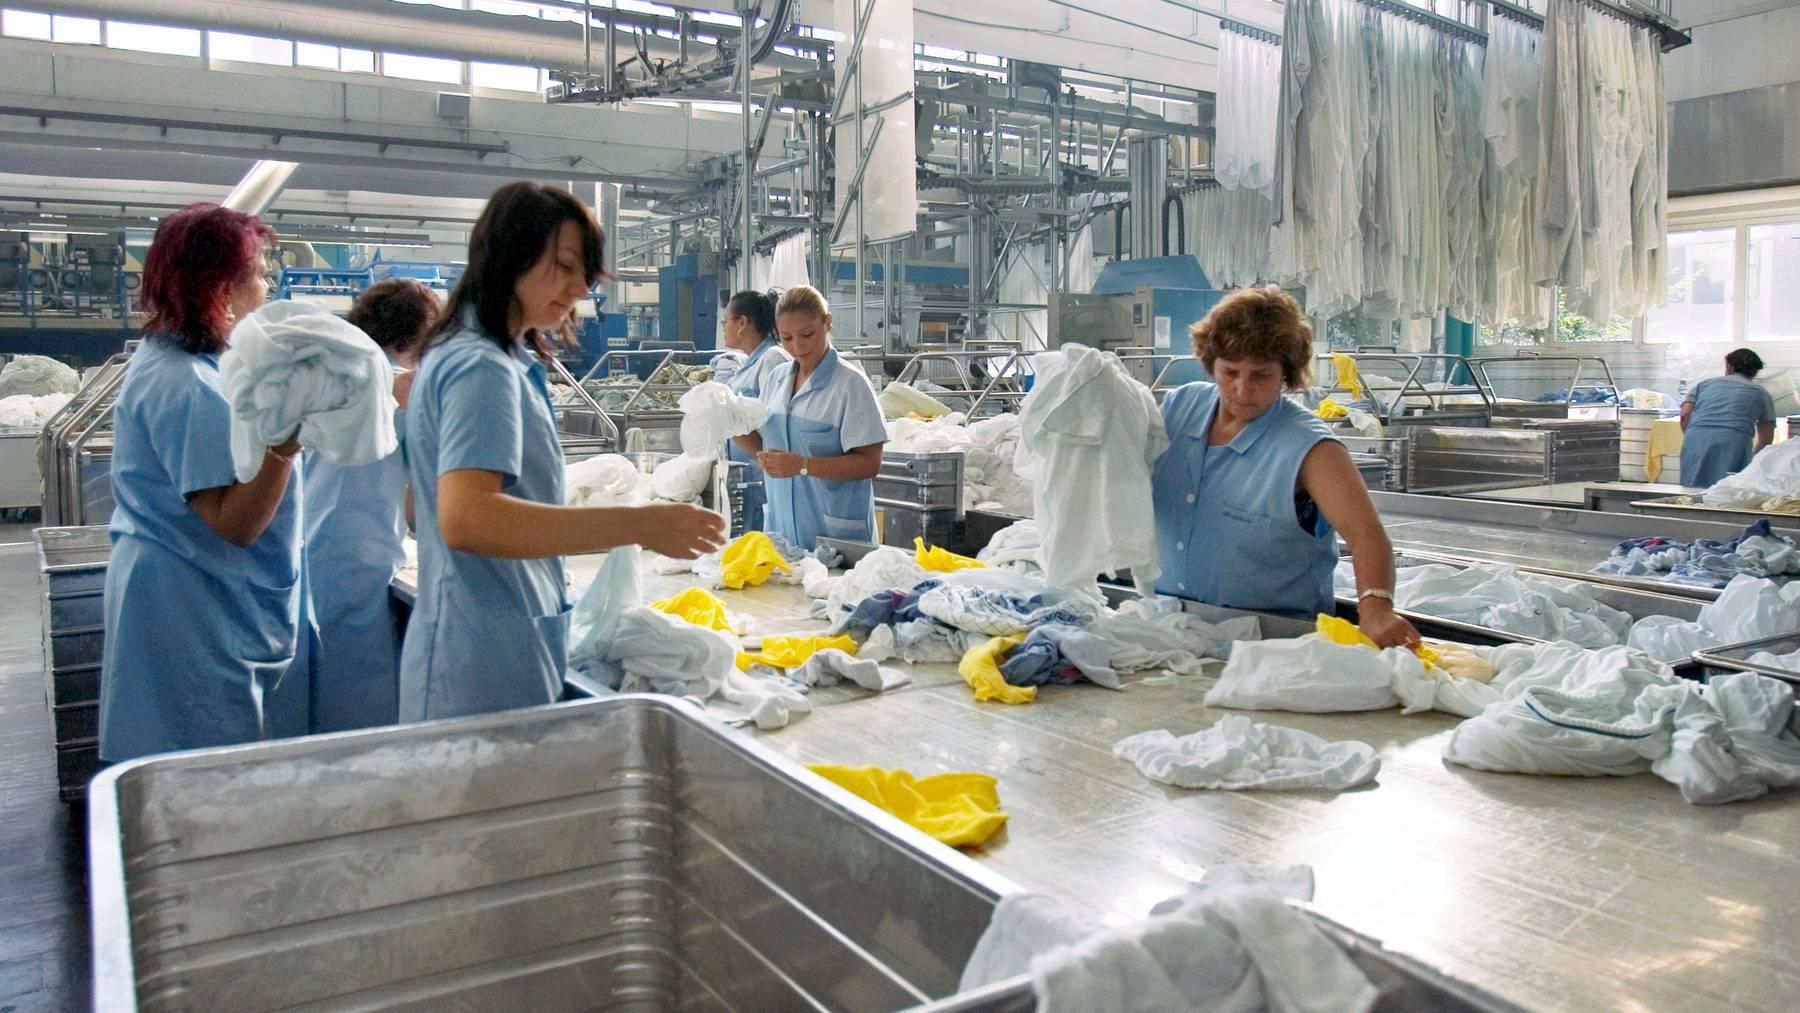 Der Anteil der EU-Ausländer ist in Berufen mit niedrigen Löhnen höher als jener der Schweizer. (Symbolbild)